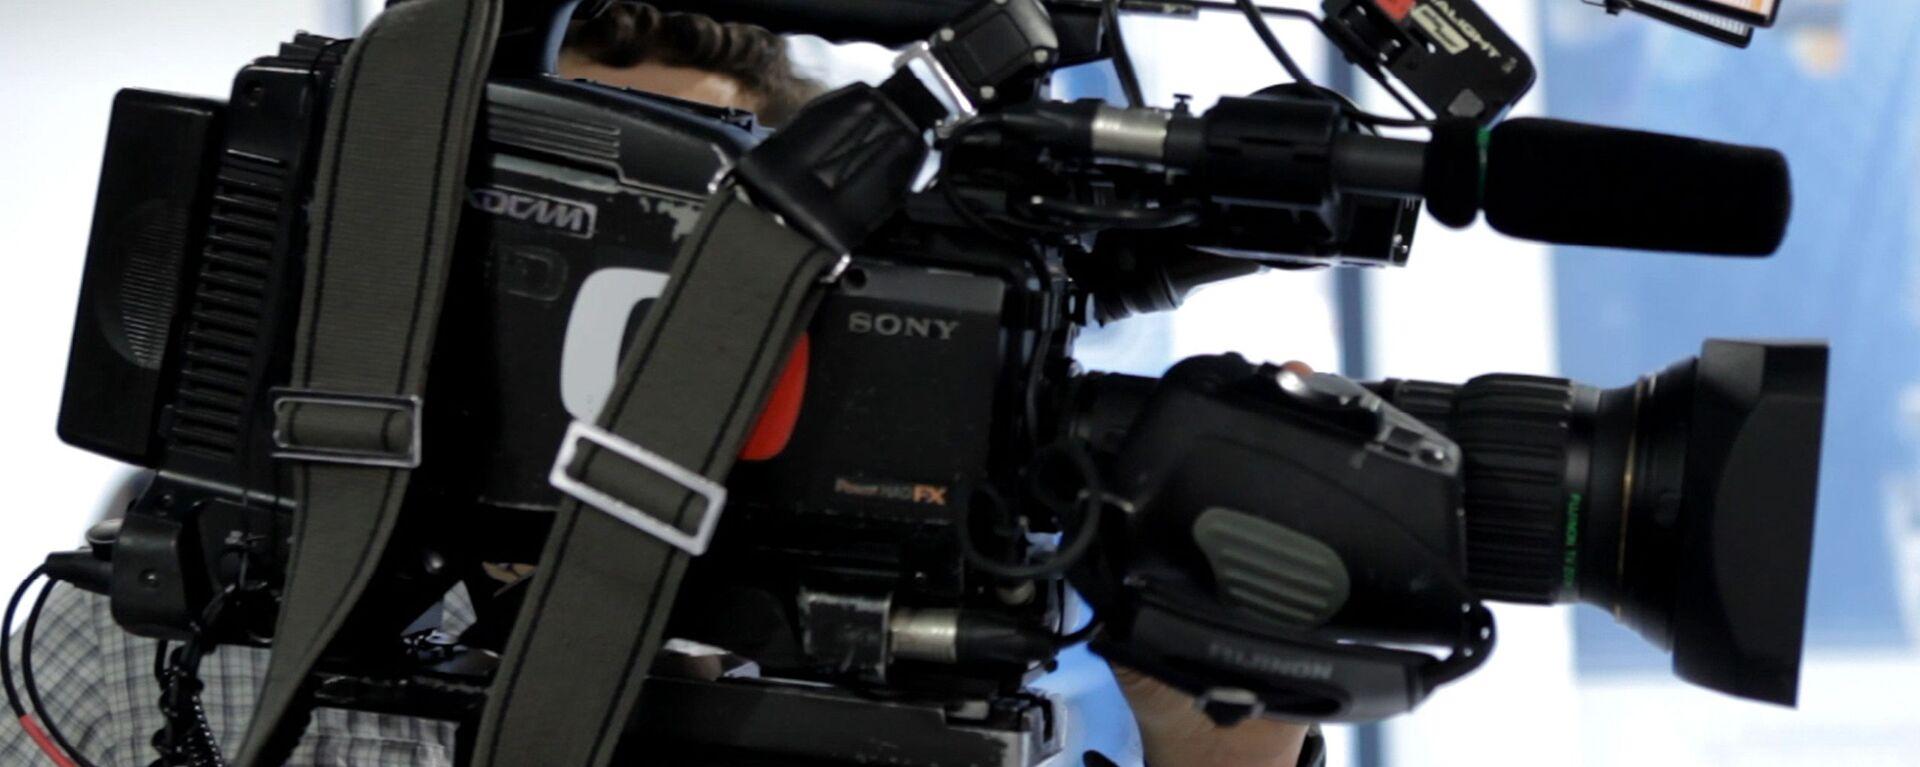 Kameraman české veřejné televizní společnosti Česká televize s kamerou - Sputnik Česká republika, 1920, 30.06.2021